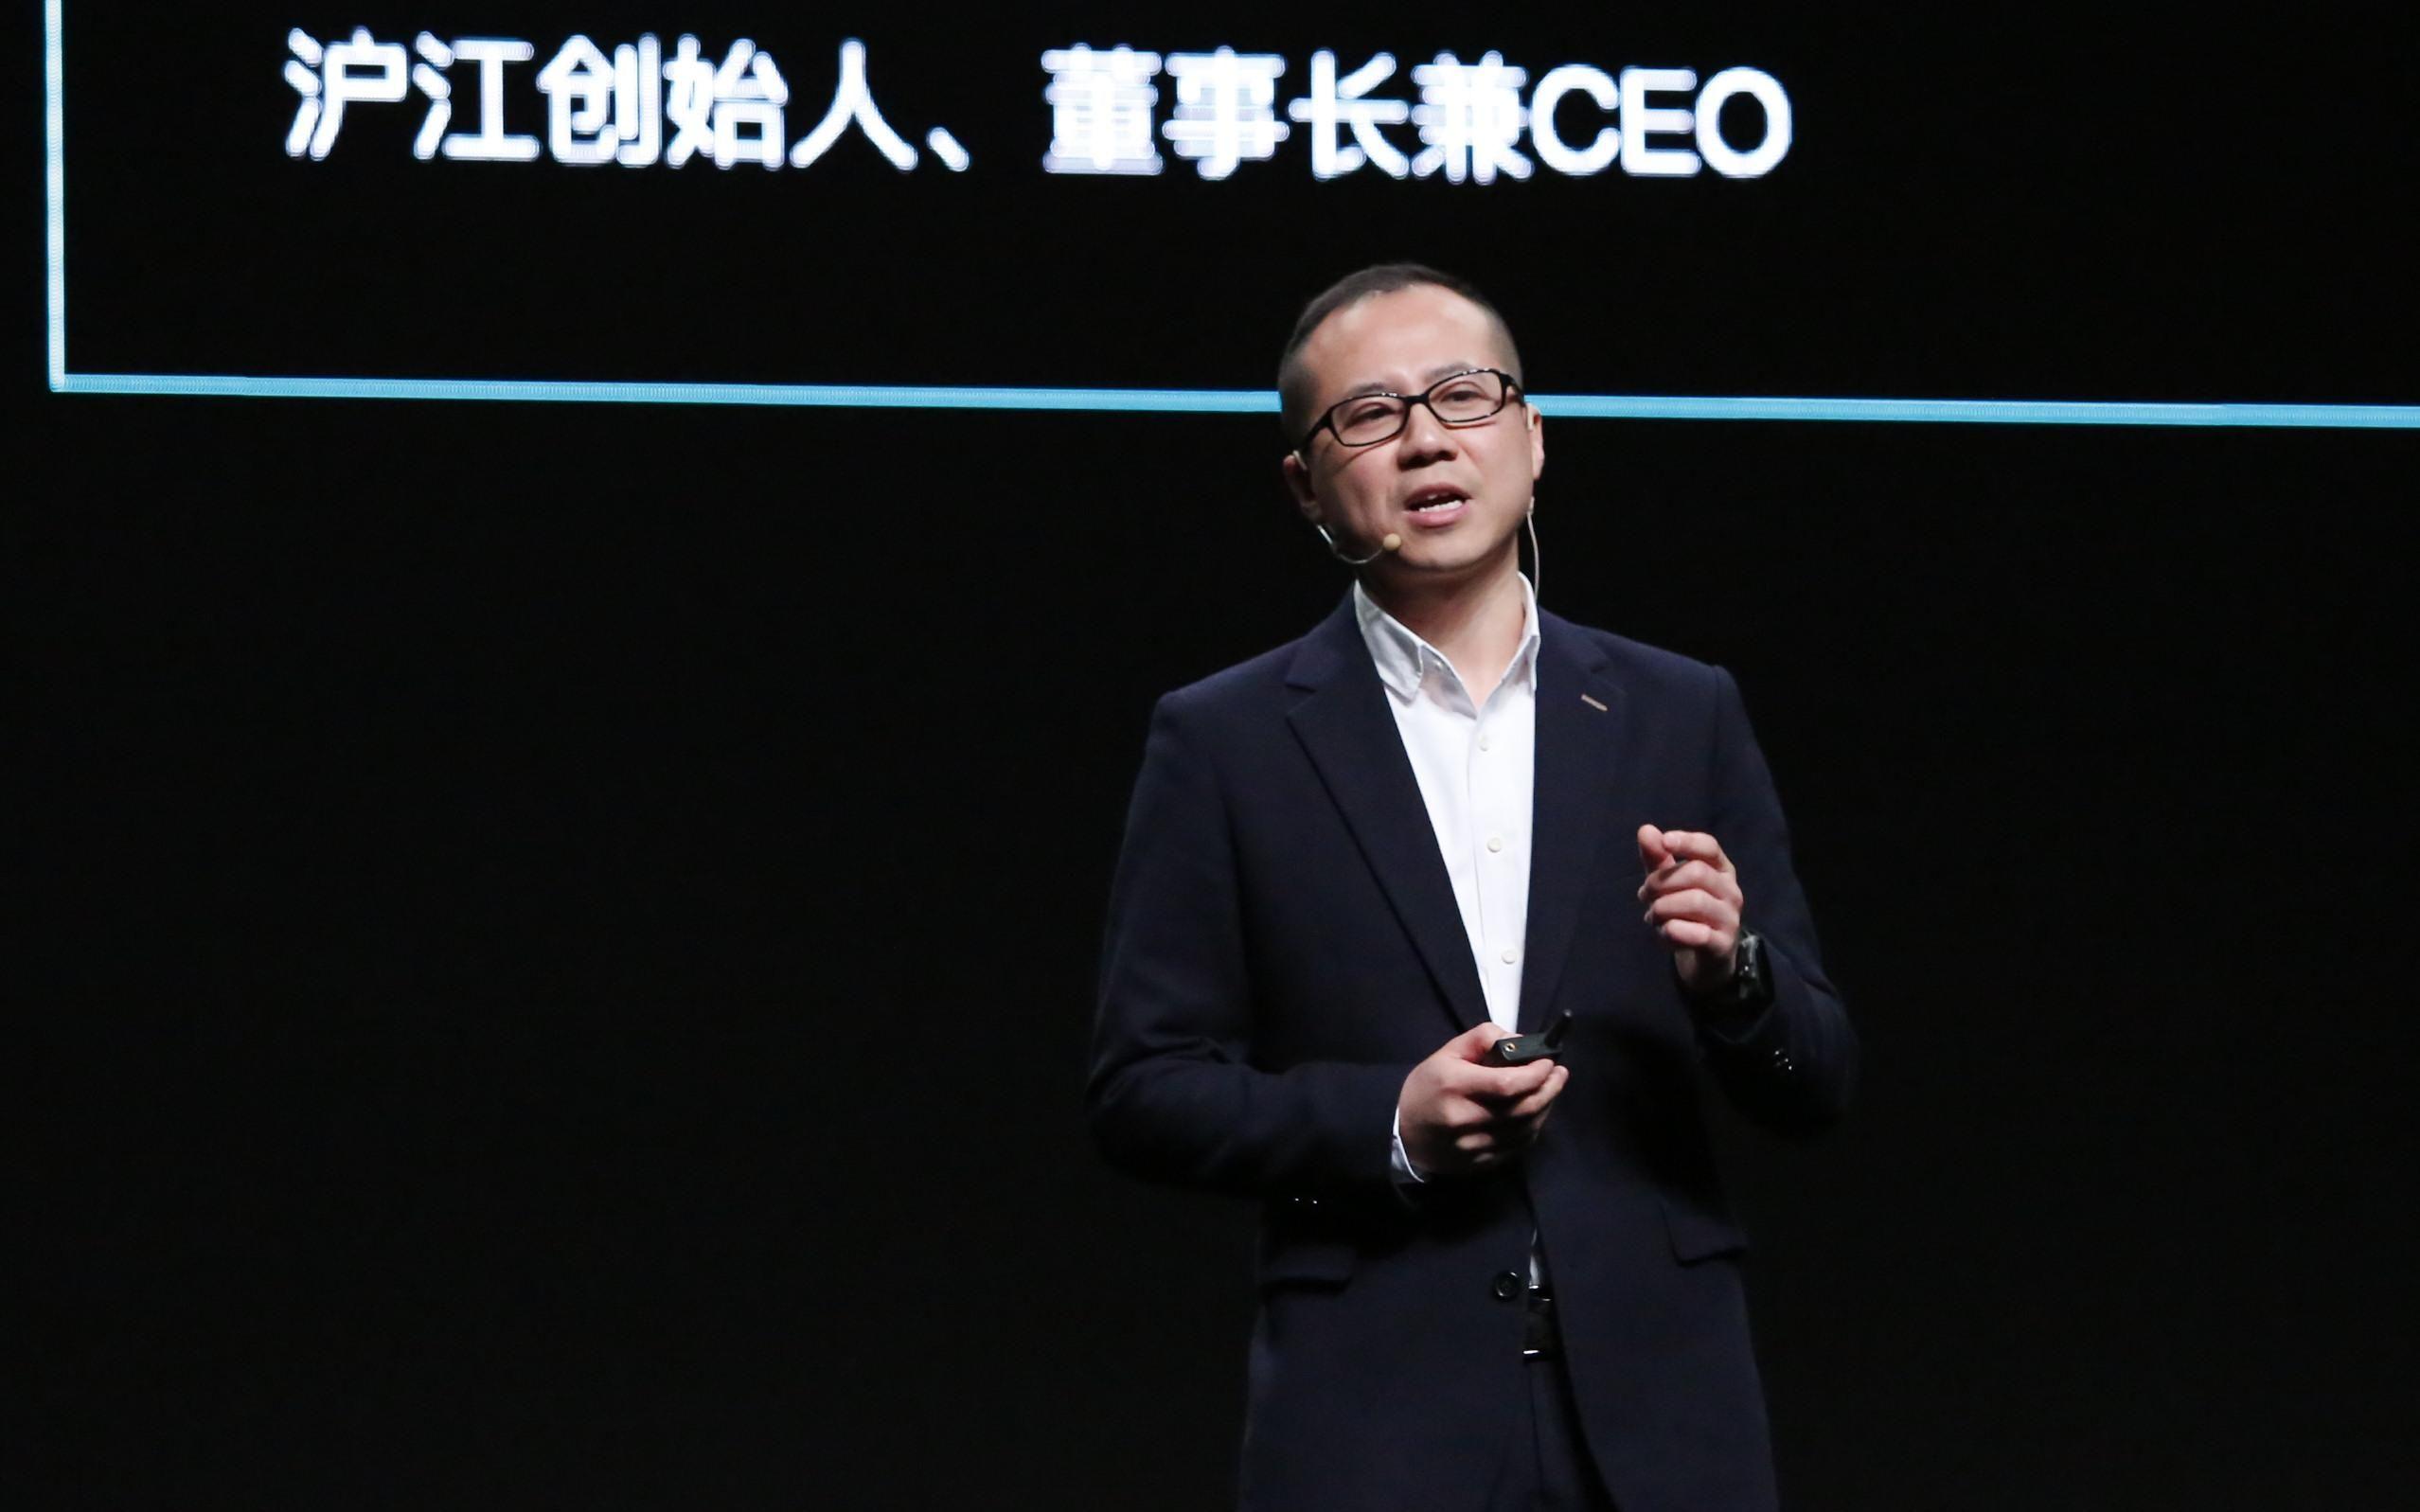 中国教育散不去的霾   造就talk x 上海青联·伏彩瑞